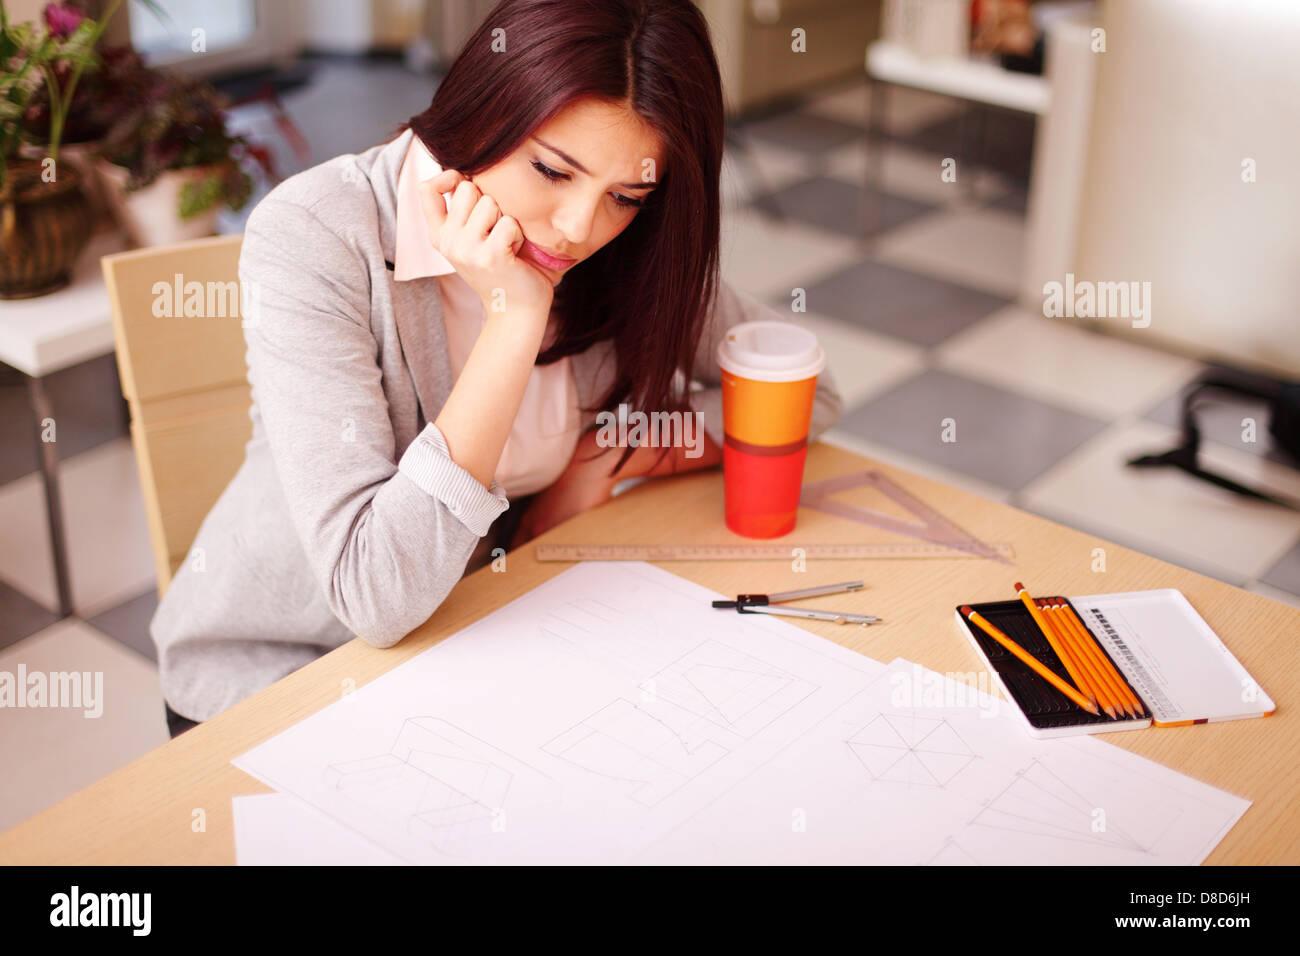 Pensativo joven arquitecto tiene un problema con sus dibujos técnicos Imagen De Stock